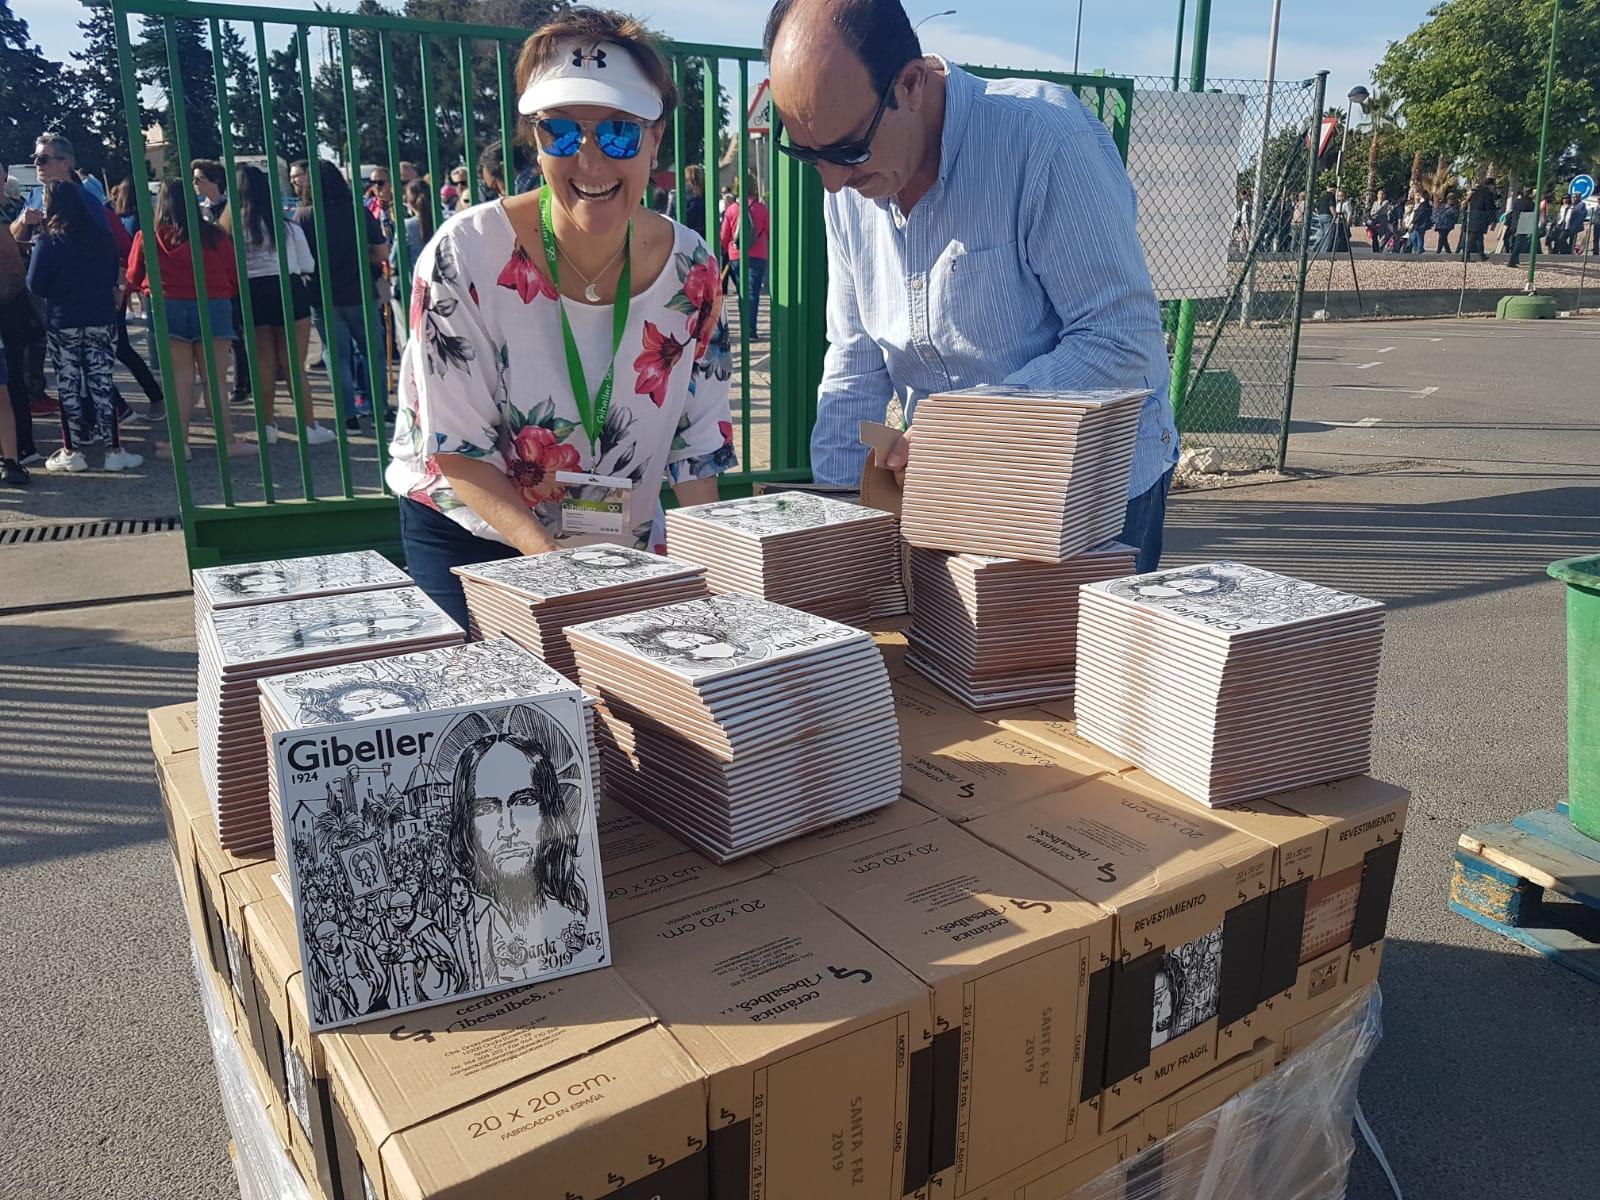 gibeller repartiendo azulejos santa faz 2019